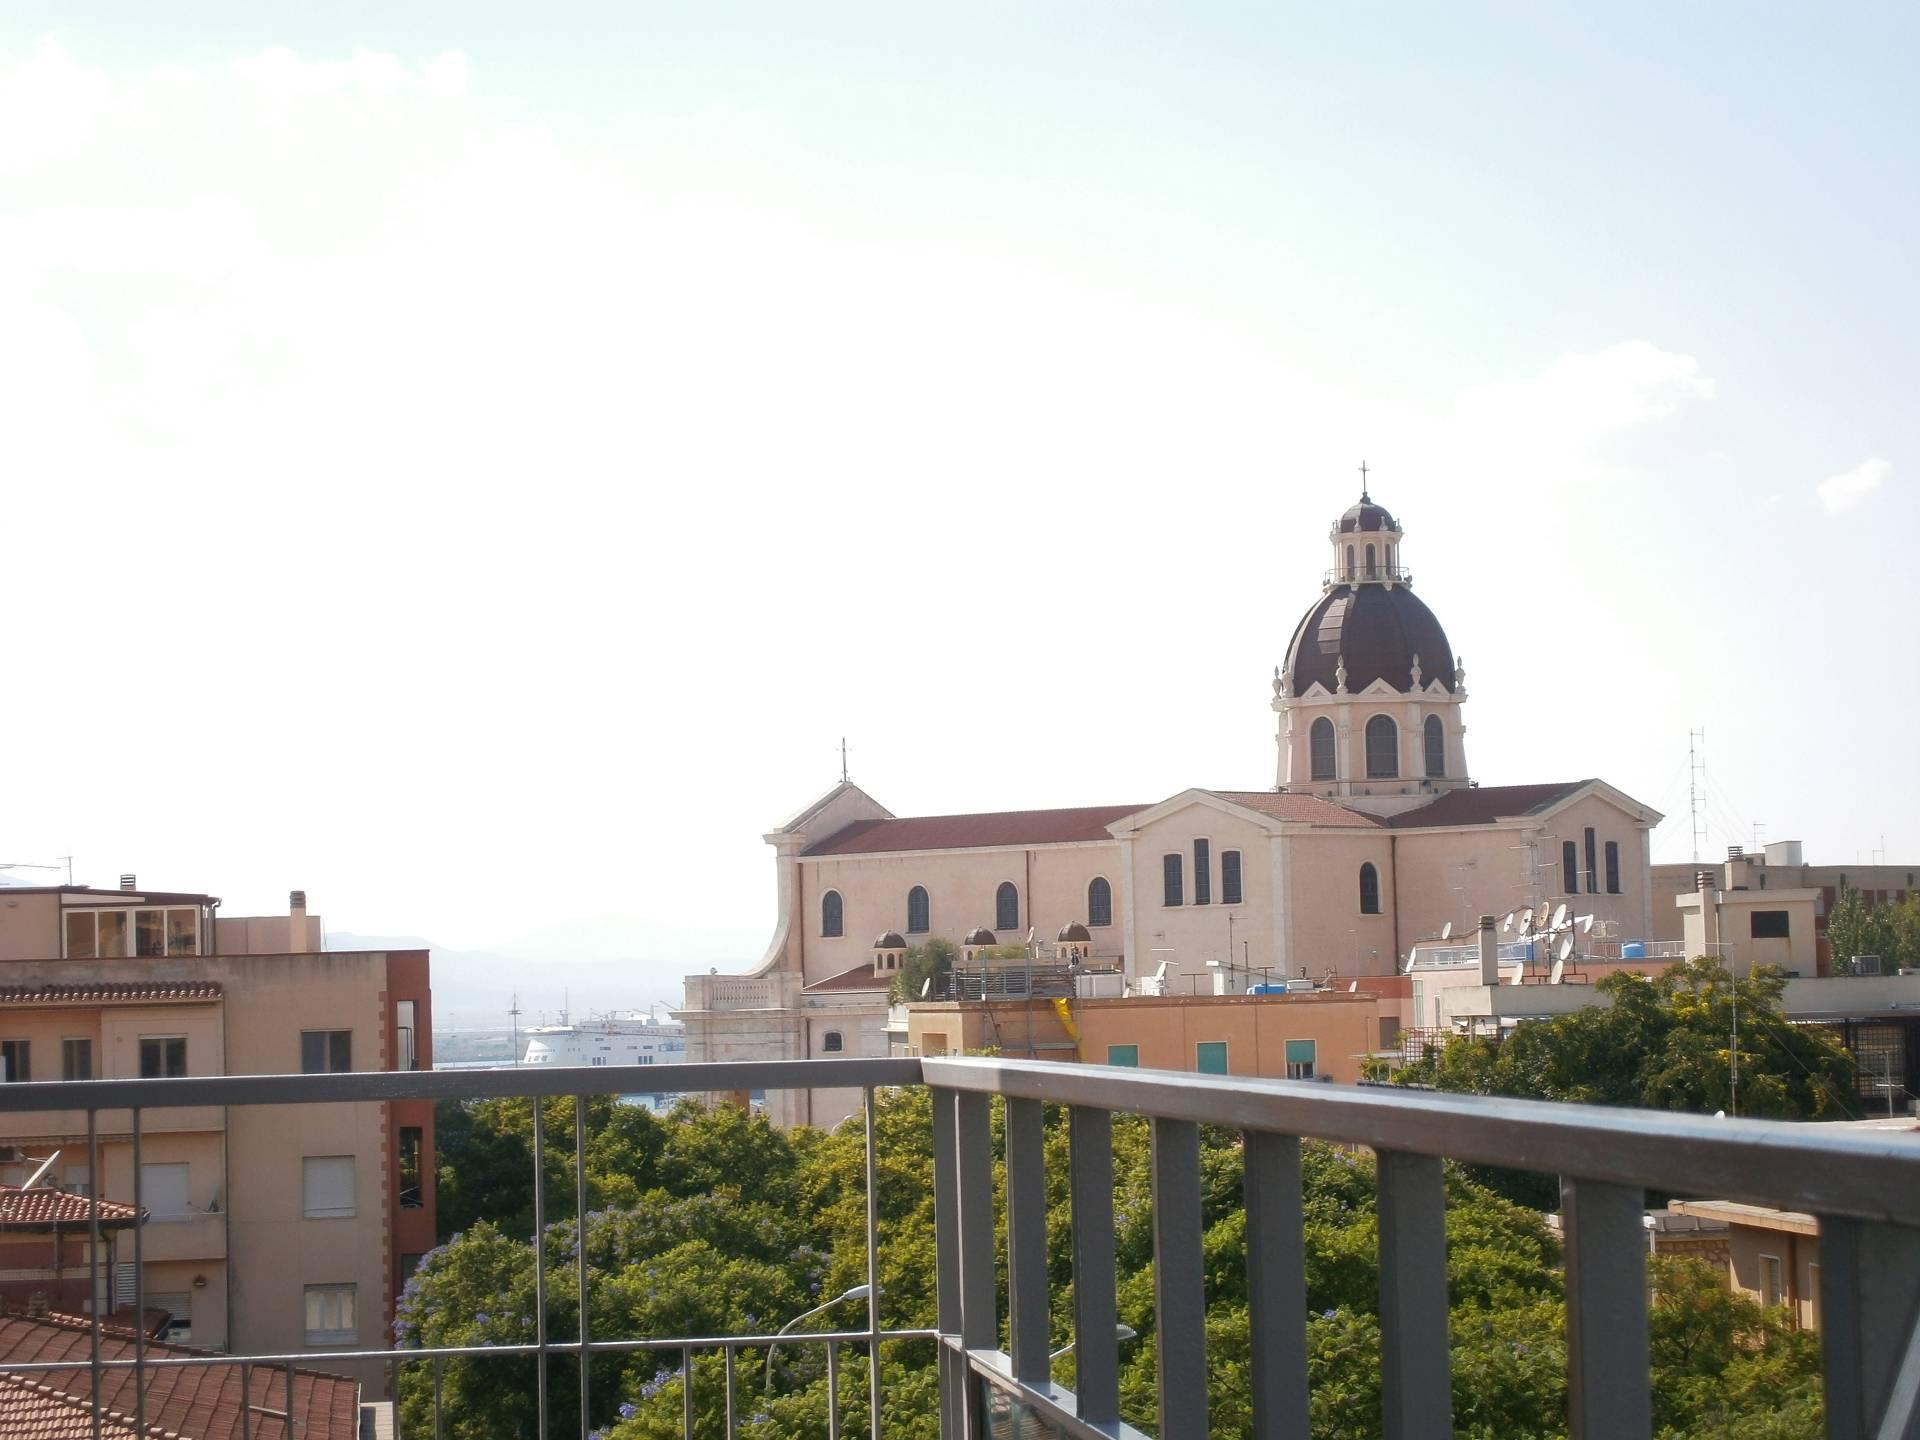 Appartamento in affitto a Cagliari, 4 locali, zona Zona: Bonaria, prezzo € 1.000 | Cambio Casa.it